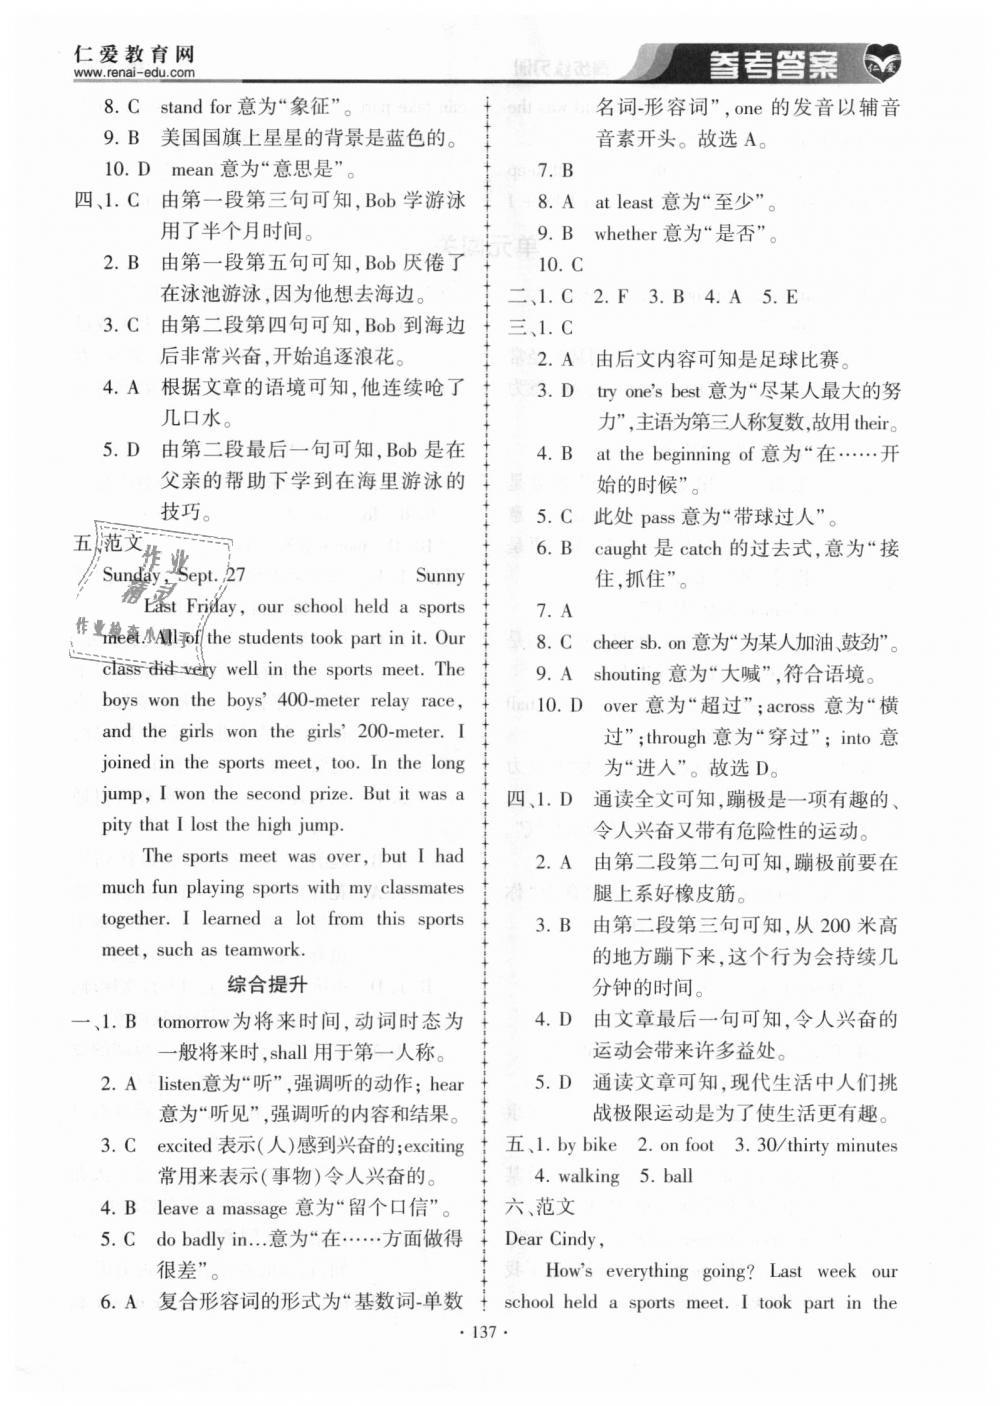 2018年仁爱英语同步练习册八年级上册E第7页